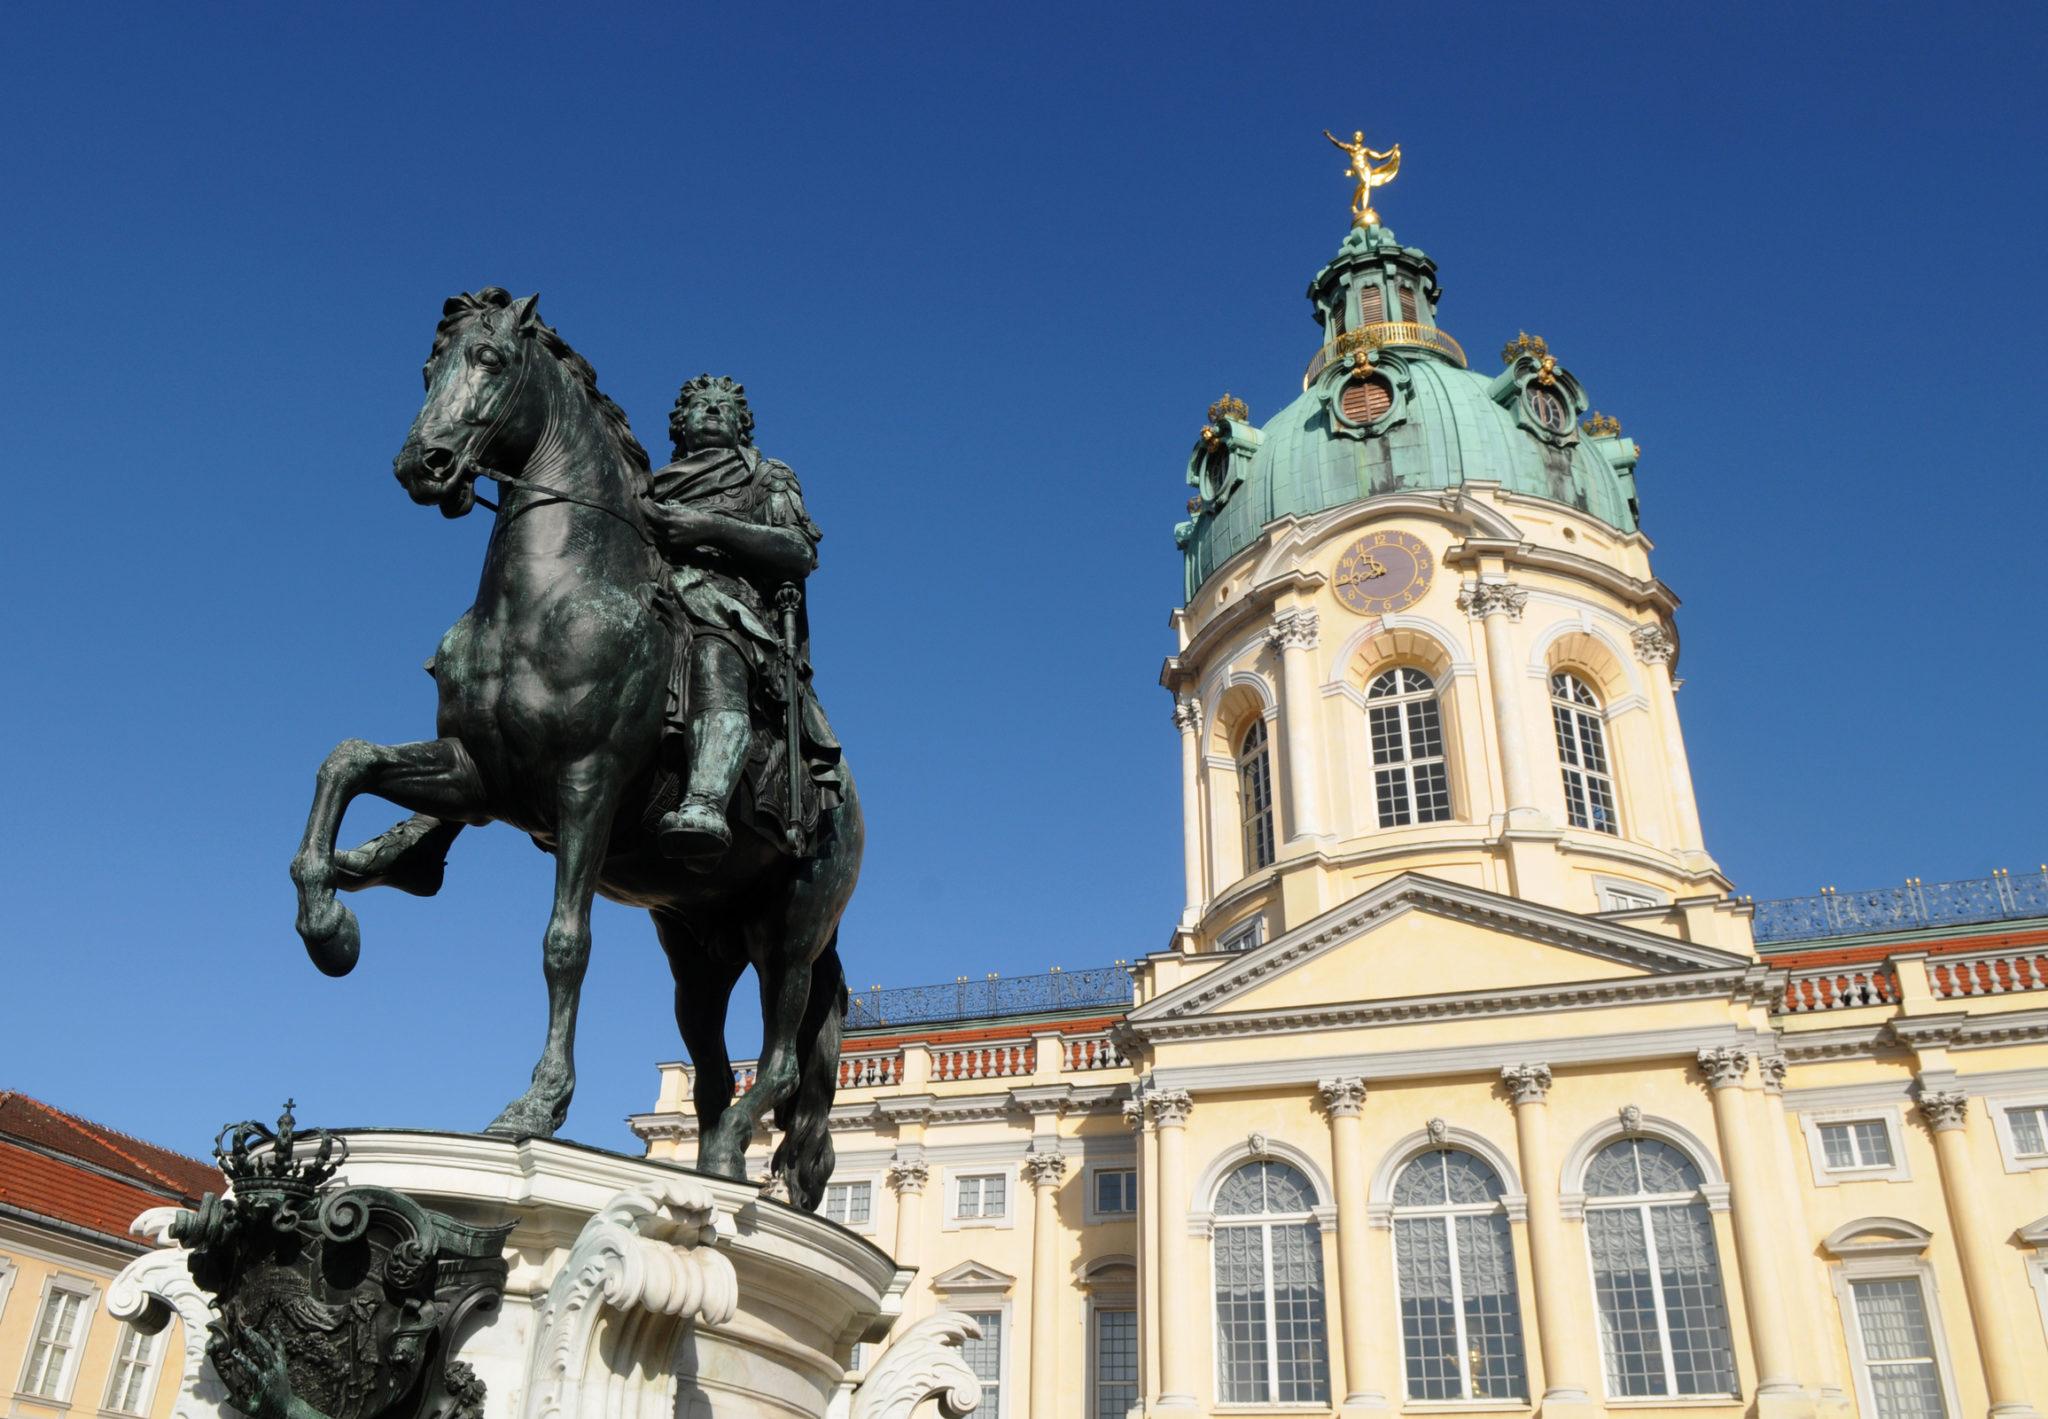 Haushaltsauflösung und Entrümpelung in Berlin Charlottenburg